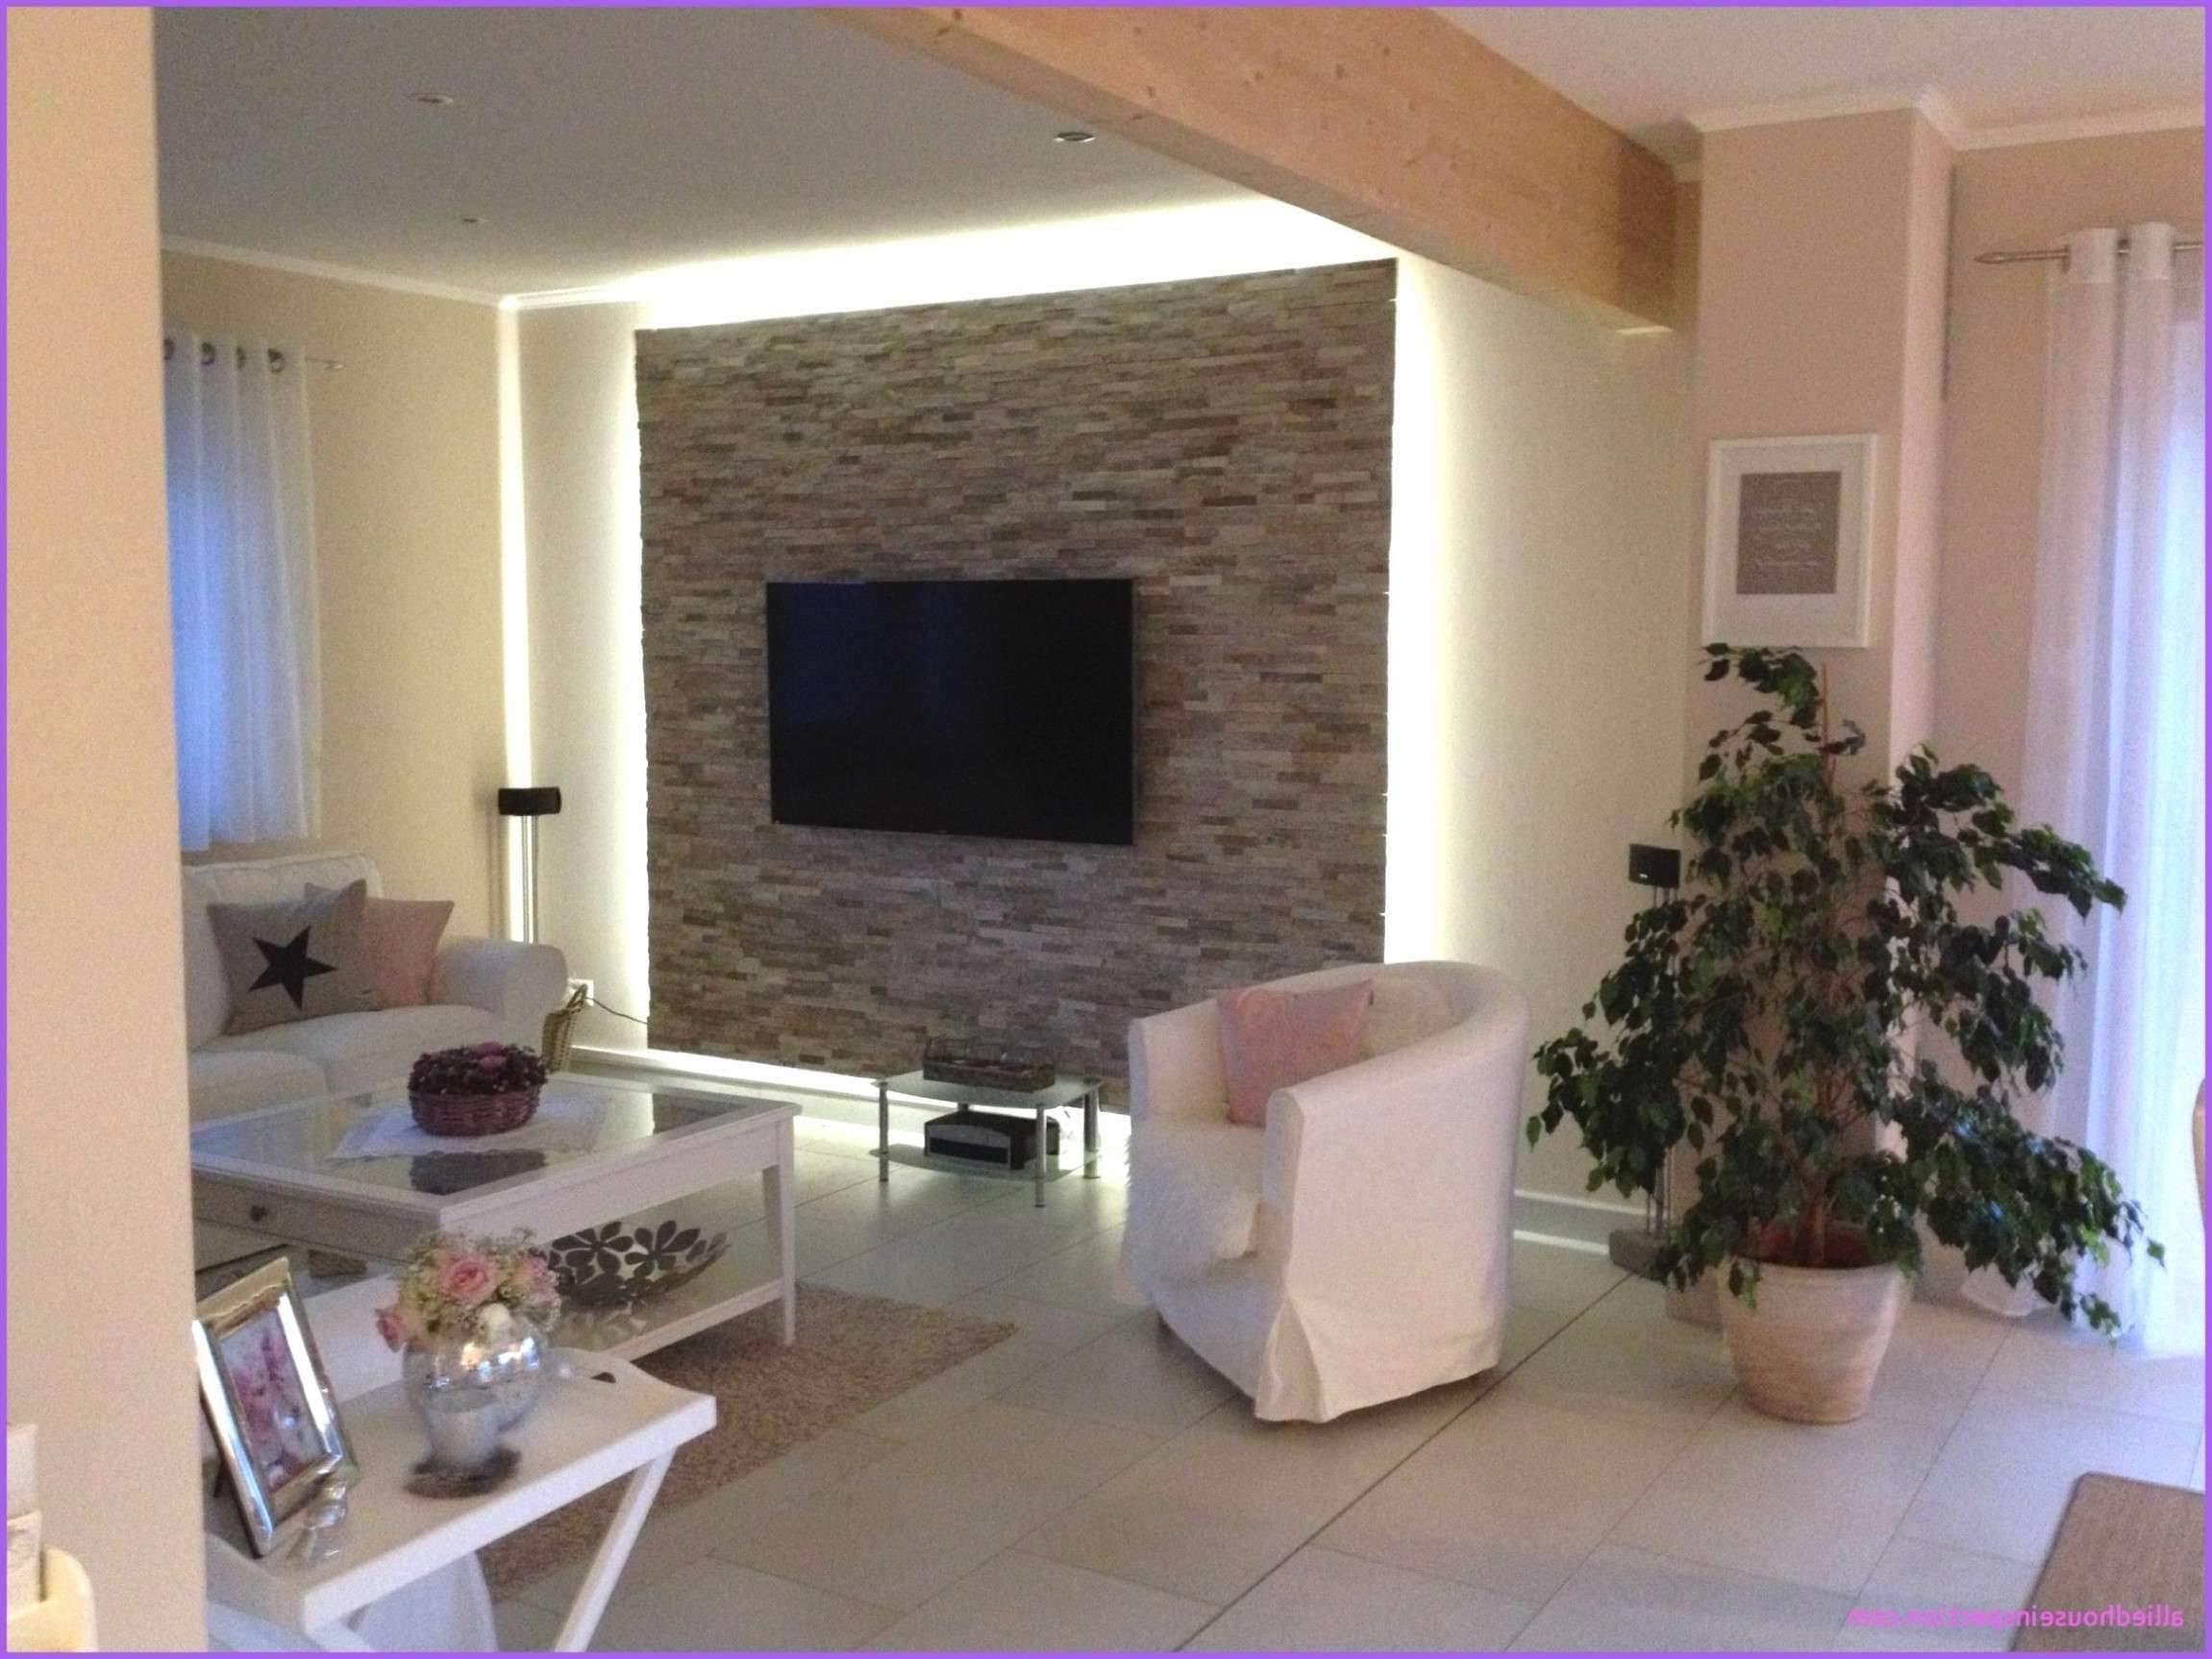 Full Size of Deckenleuchten Design Wohnzimmer Led Inspirierend 50 Tolle Von Designer Badezimmer Bett Modern Esstische Bad Küche Industriedesign Esstisch Lampen Wohnzimmer Deckenleuchten Design